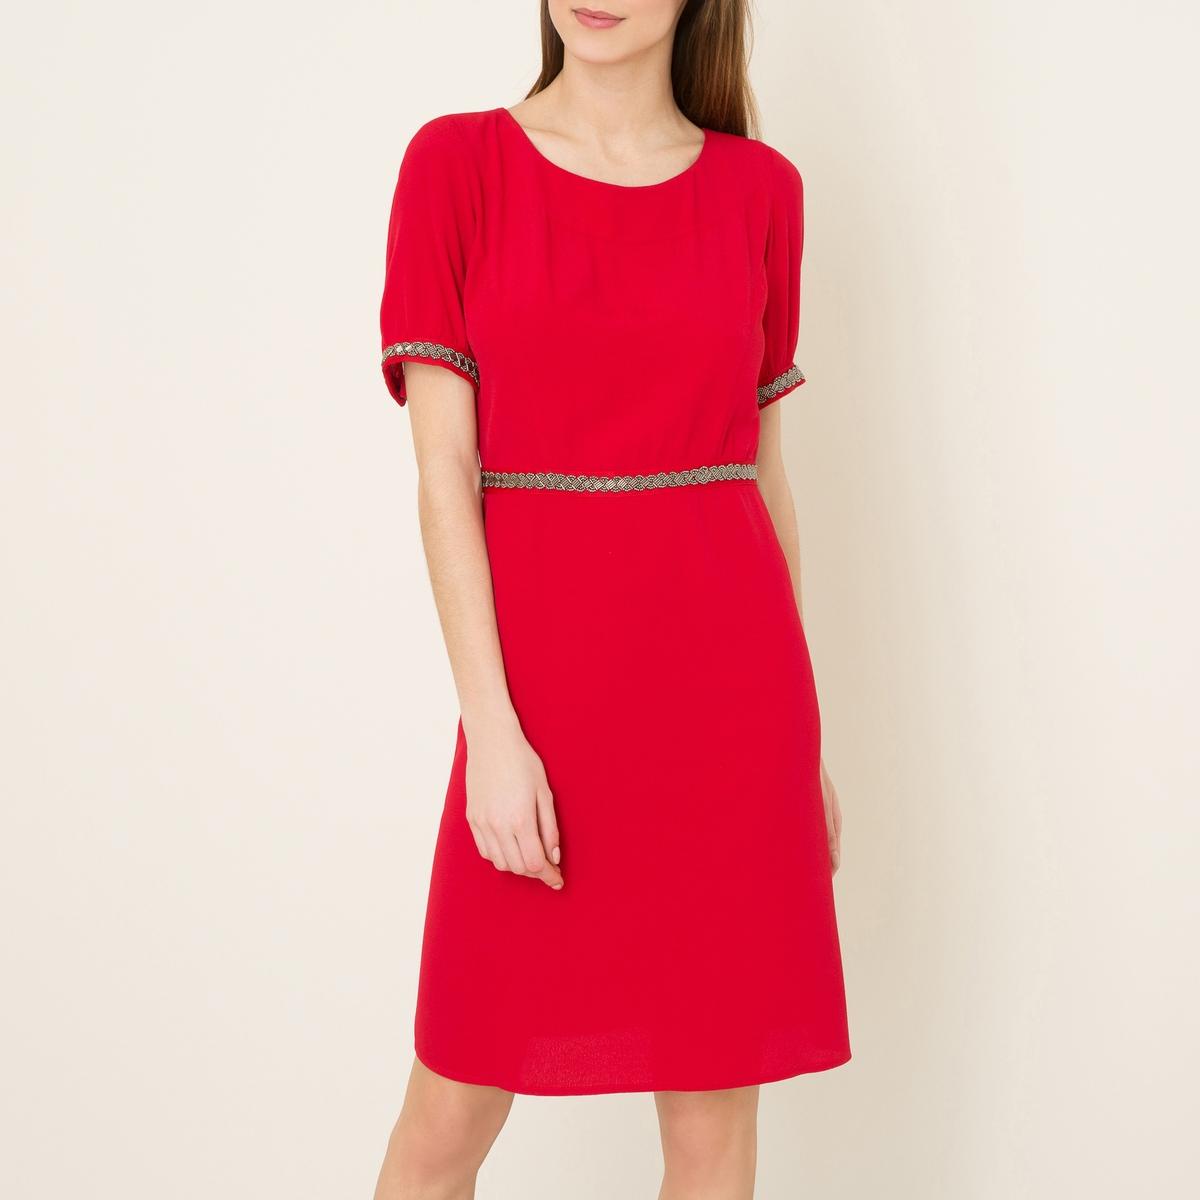 Платье YOUTHСостав и описание    Материал : 100% вискоза   Марка : BA&amp;SH<br><br>Цвет: красный<br>Размер: M